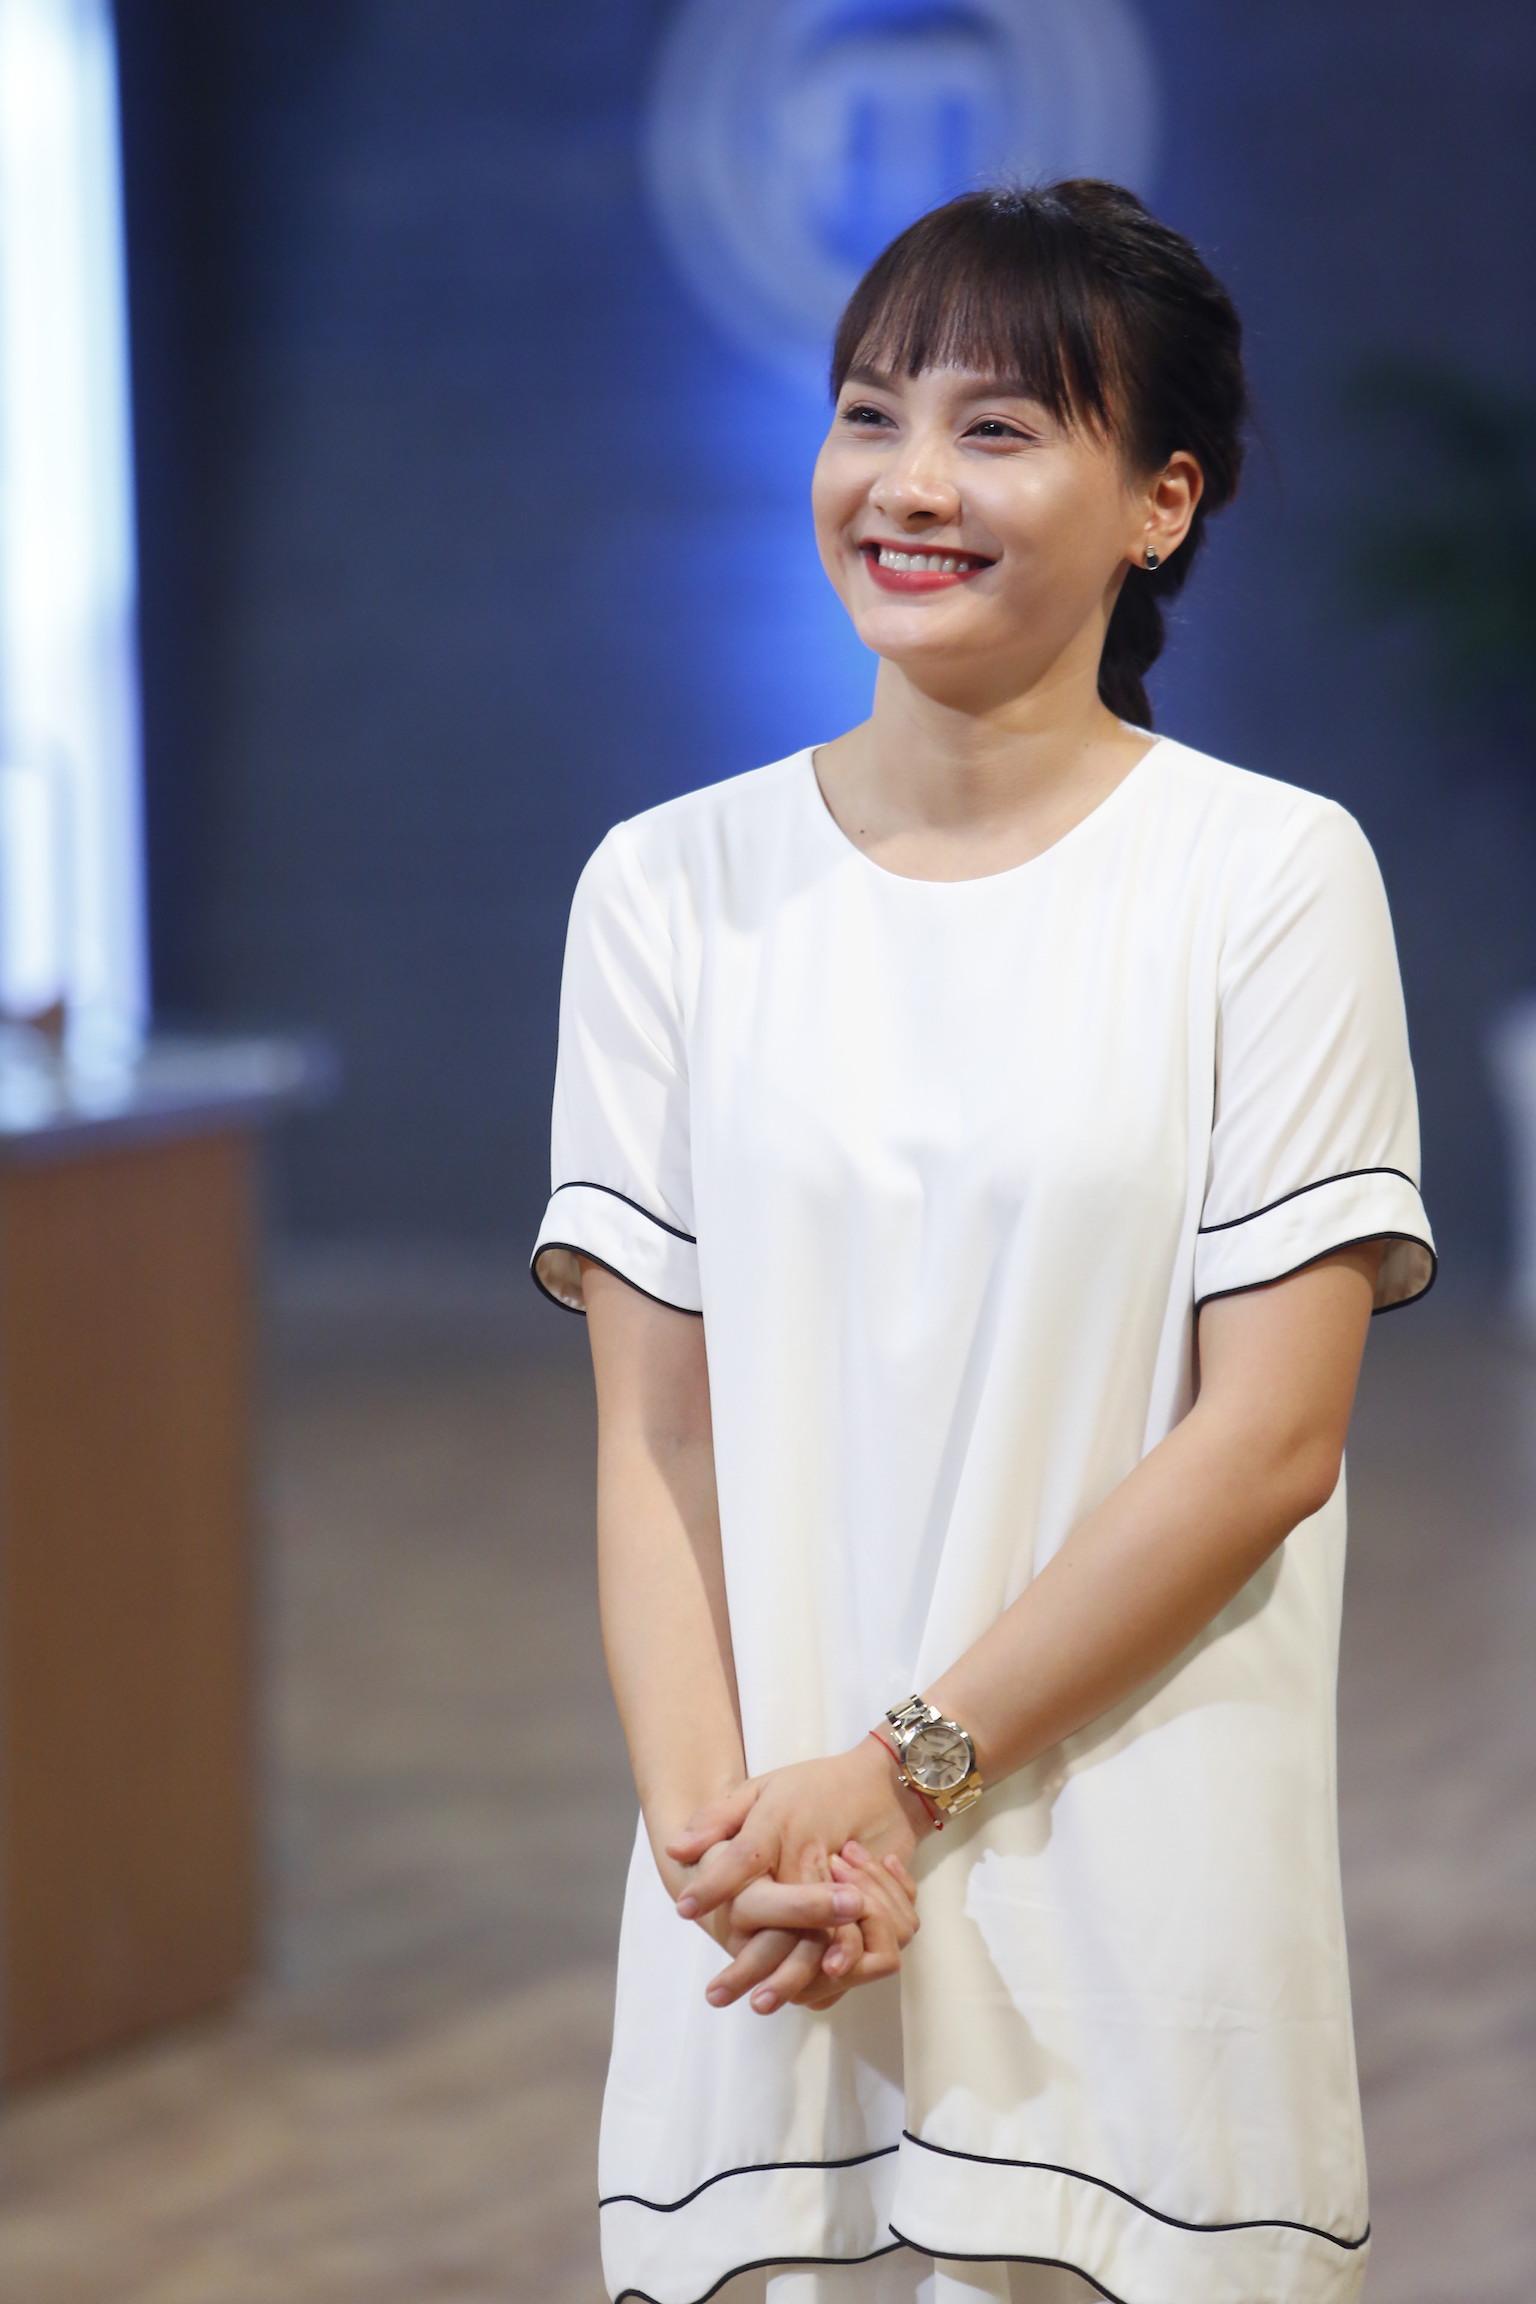 Vua đầu bếp 2017:  Bảo Thanh bất ngờ thất bại trước cô nàng cá tính An Nguy-8